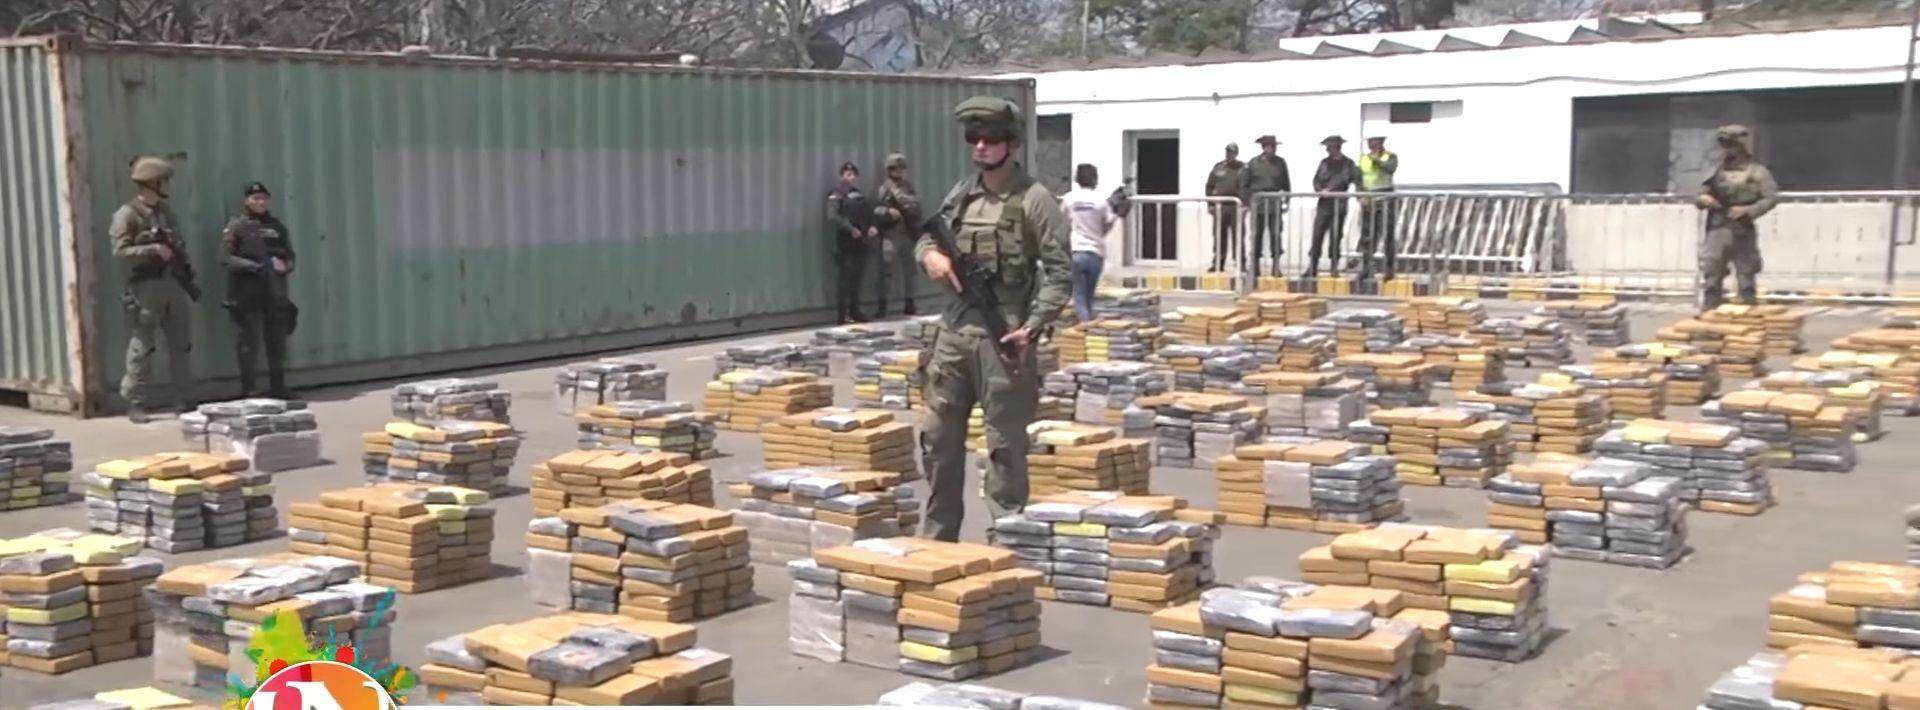 VIDEO: KOLUMBIJA Zaplijenjeno šest tona kokaina ulične vrijednosti 200 milijuna eura